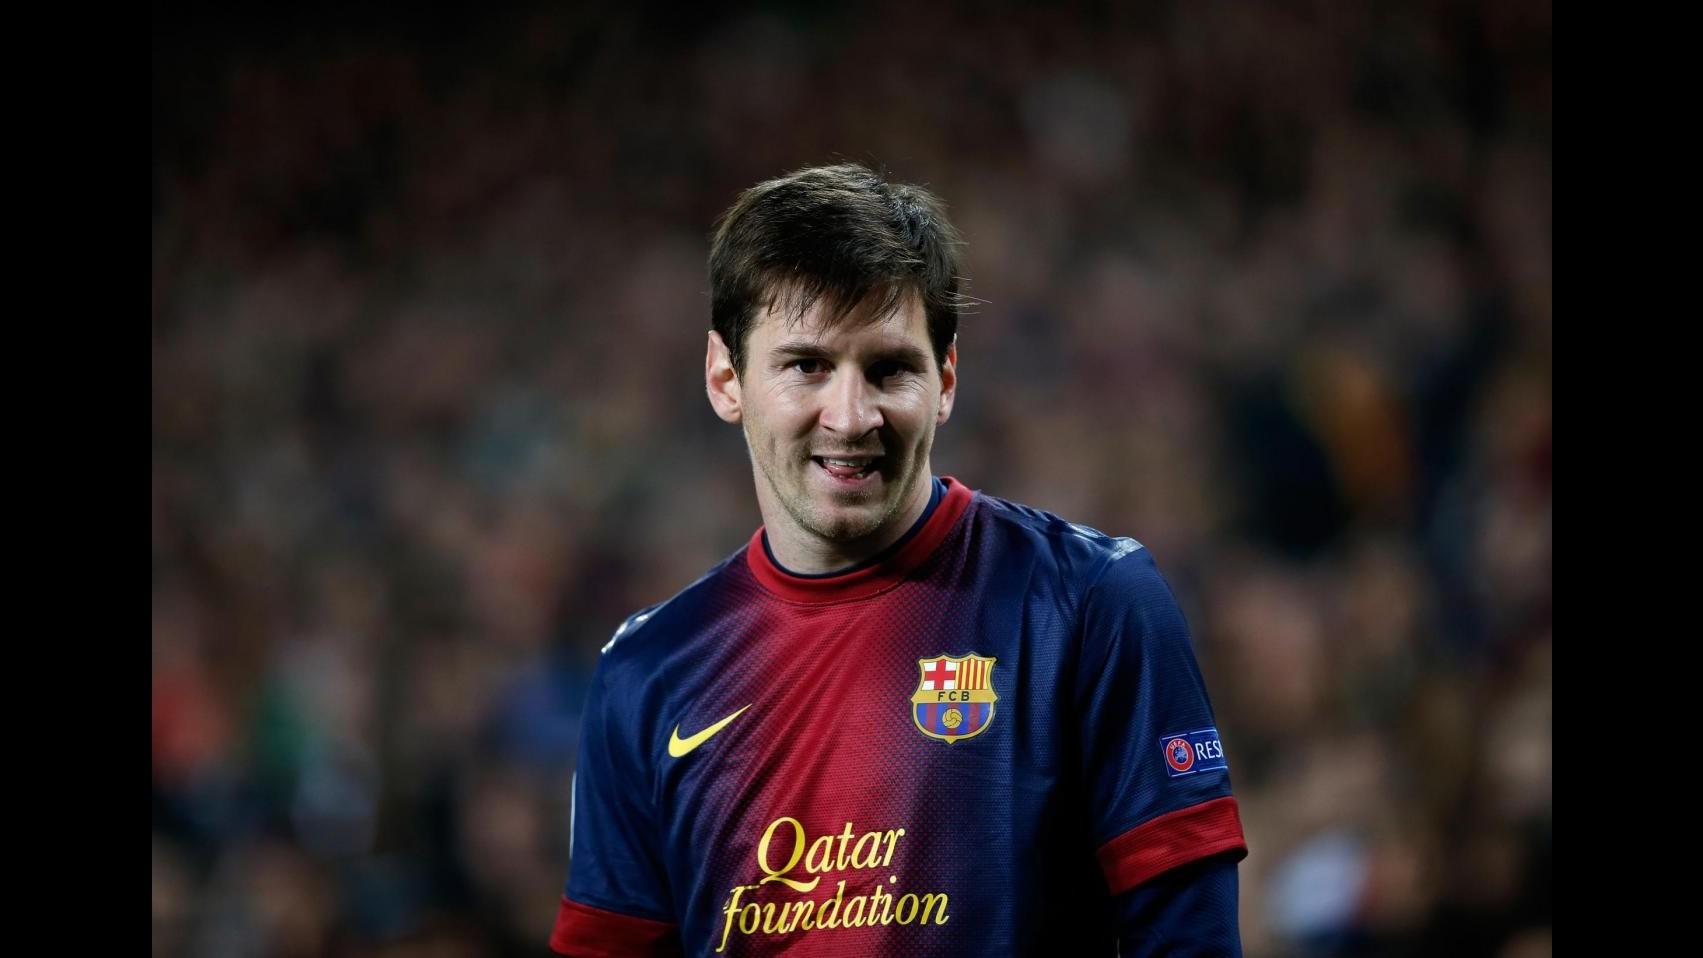 Mondiali 2014, Messi: Invidioso dei miei compagni spagnoli, vorrei vincere Coppa del Mondo